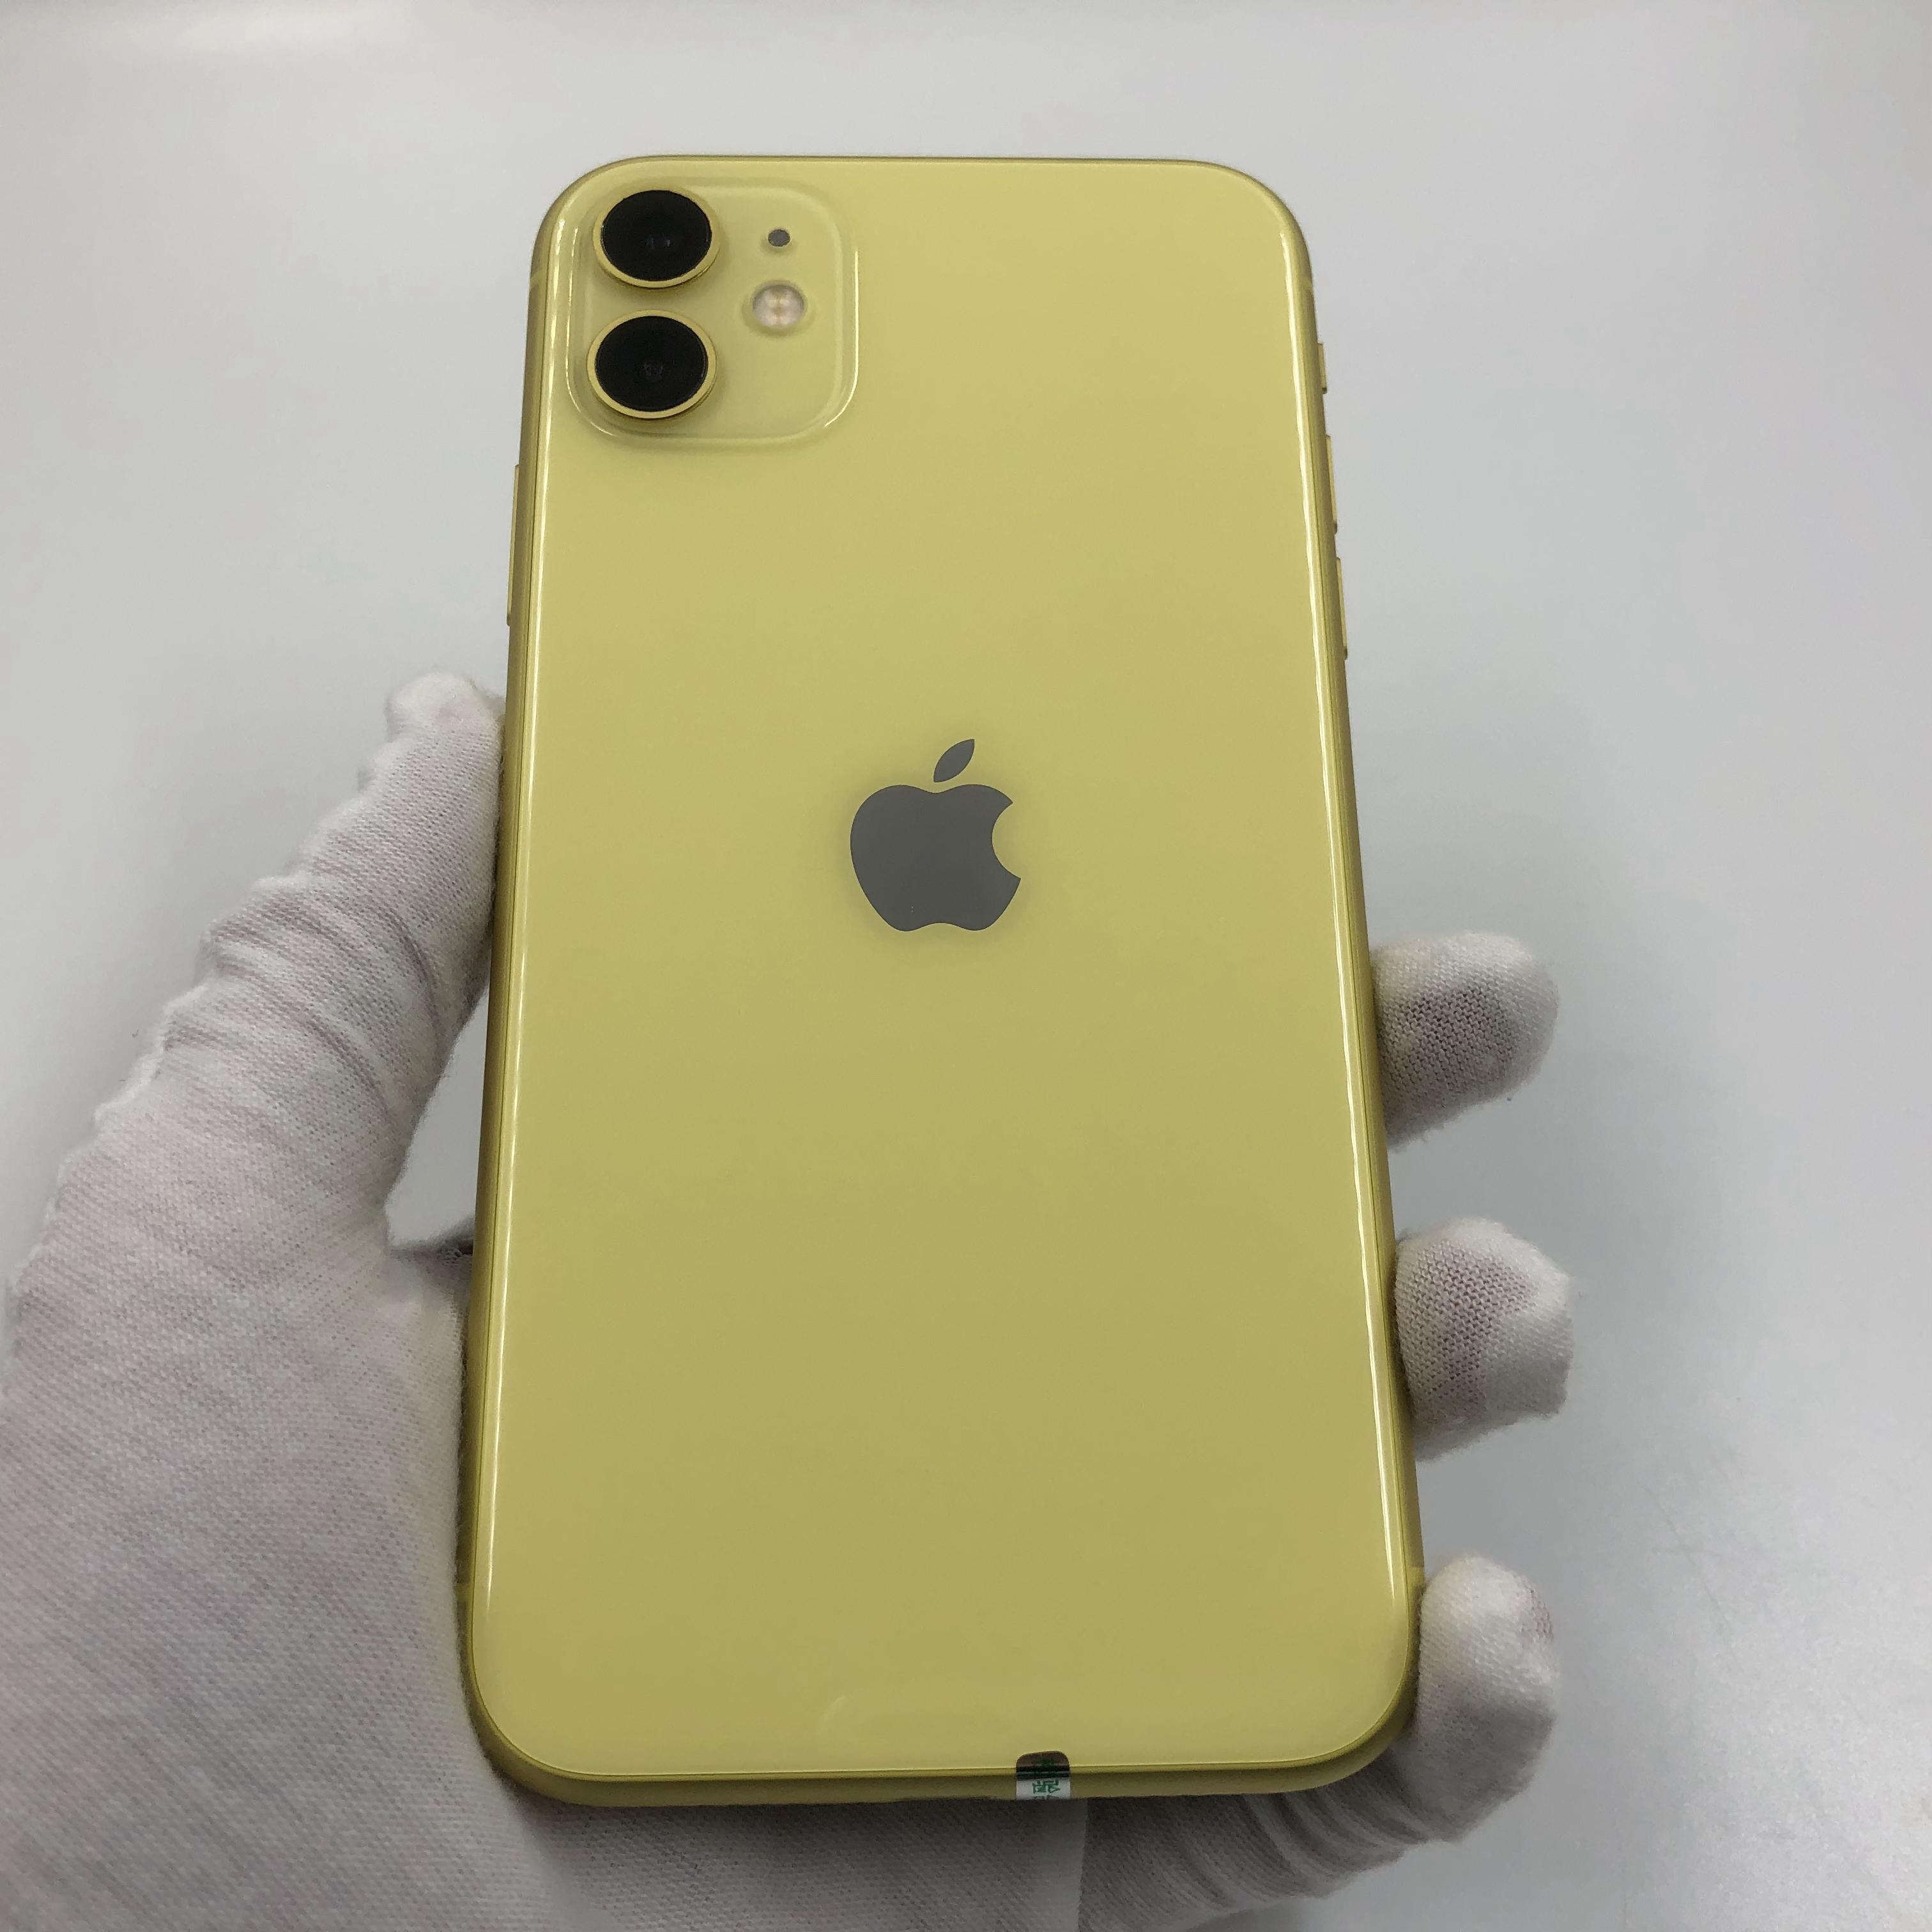 苹果【iPhone 11】4G全网通 黄色 64G 国行 95新 真机实拍